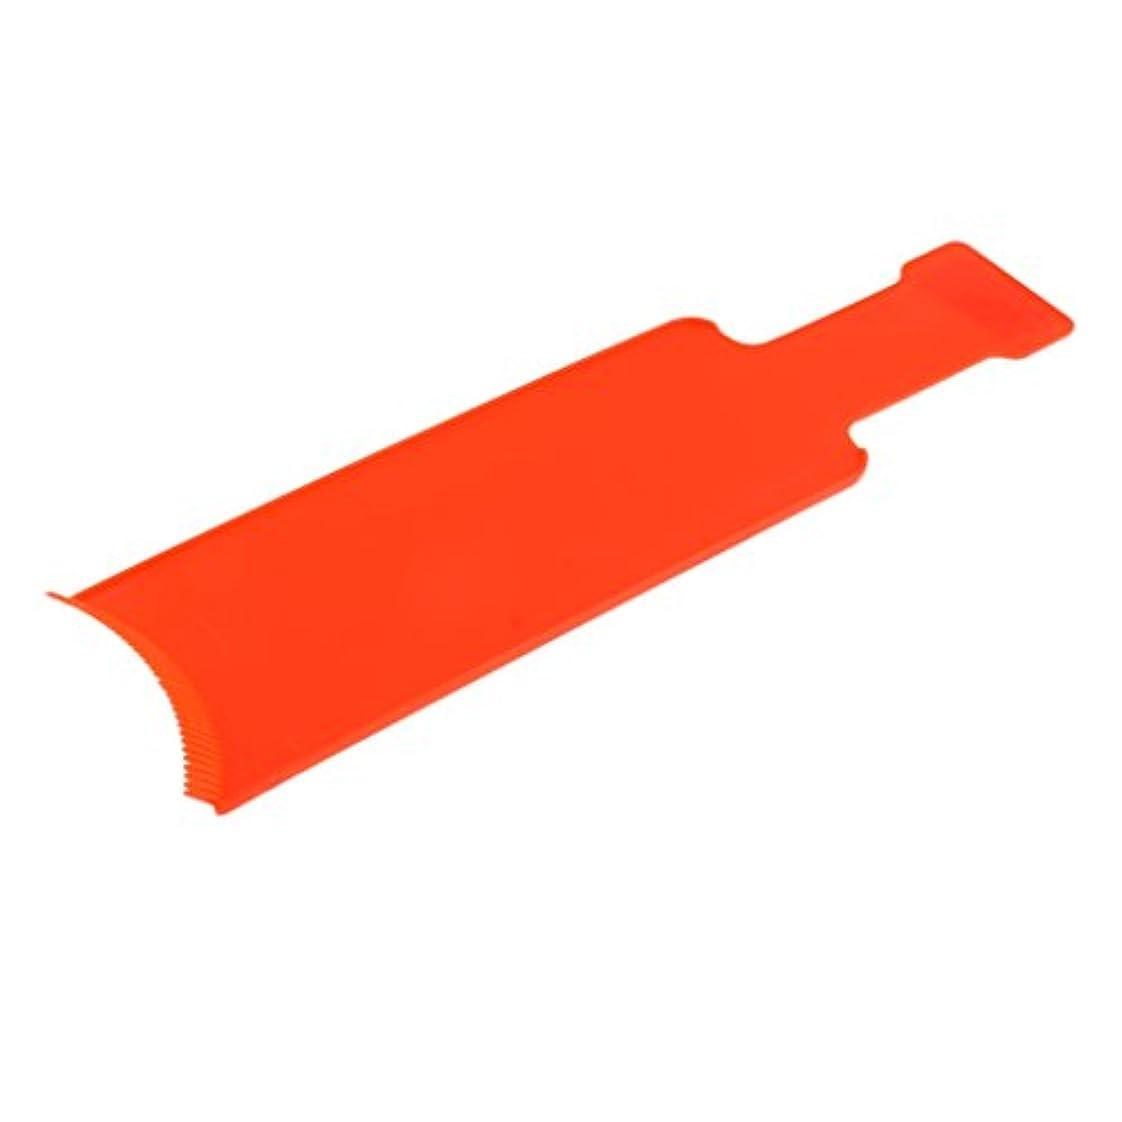 ラフレシアアルノルディメッシュ医師染色櫛プレート 染めボード ヘアカラー 櫛 着色ボード ヘアブラシ セルフヘルプ プロ 家庭用 2サイズ2色選べる - オレンジ, L